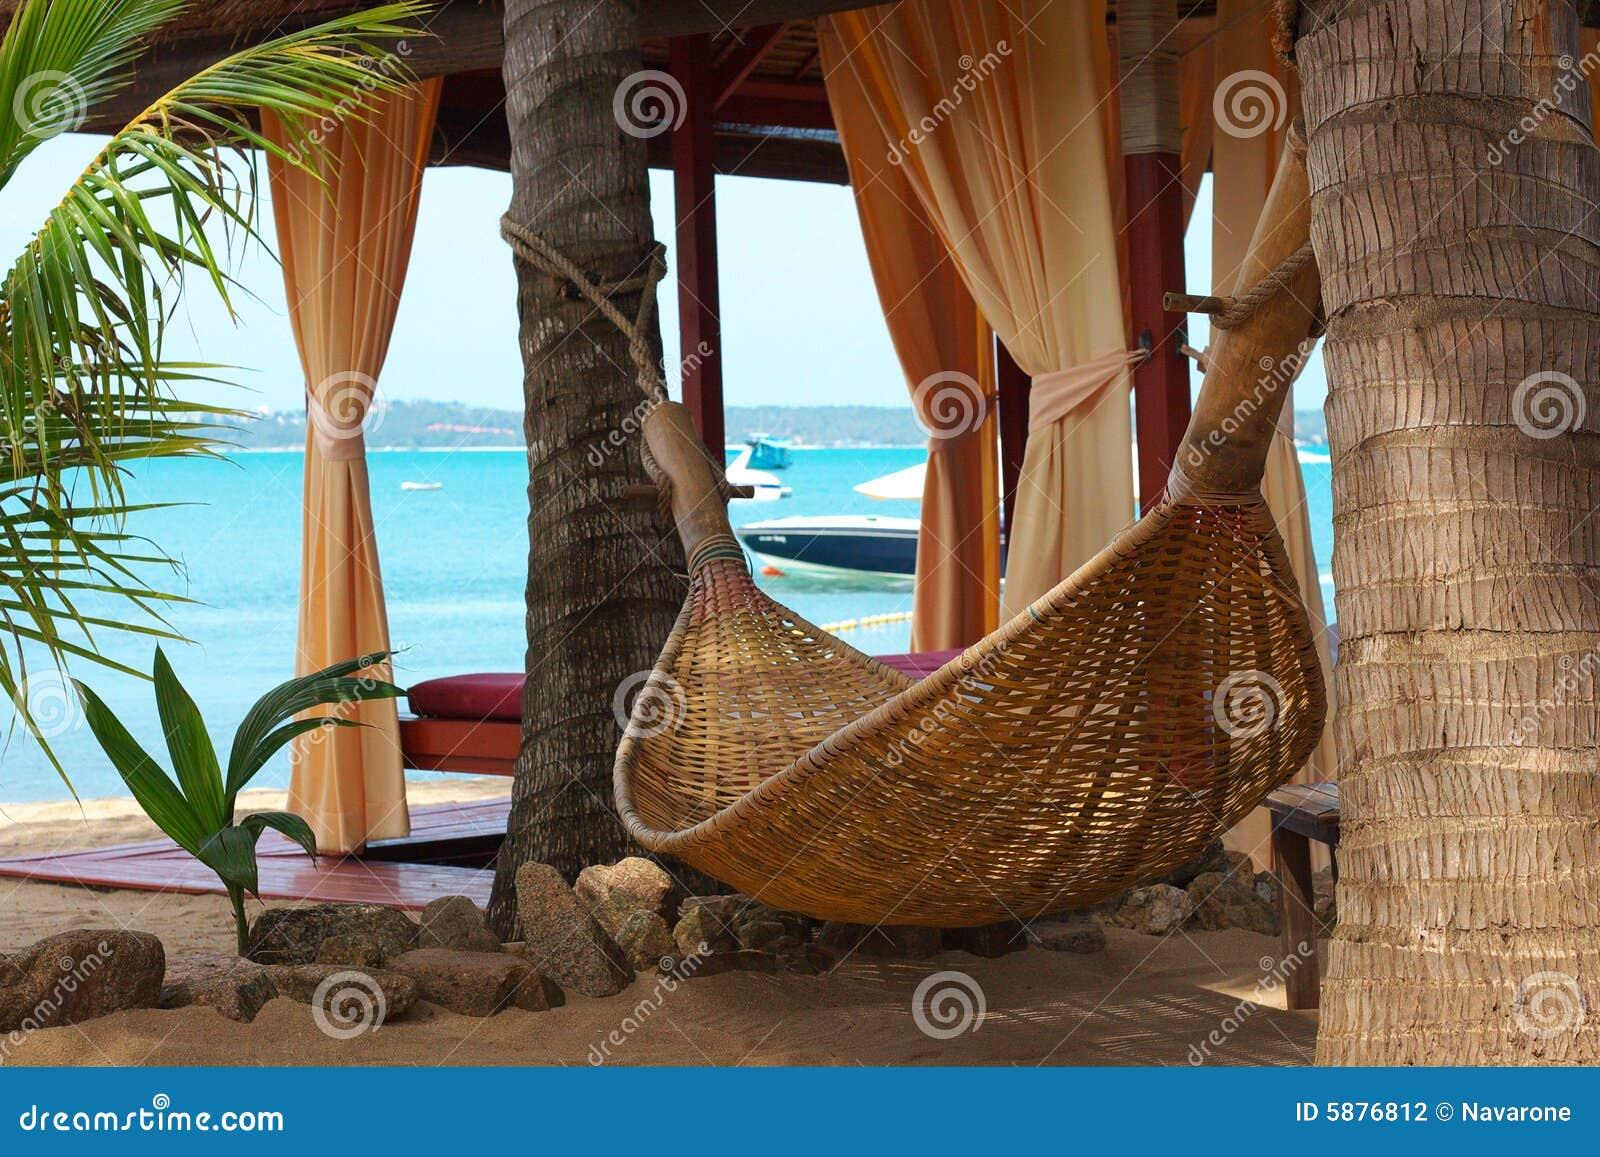 Hamaca en la playa - Hamacas de playa ...